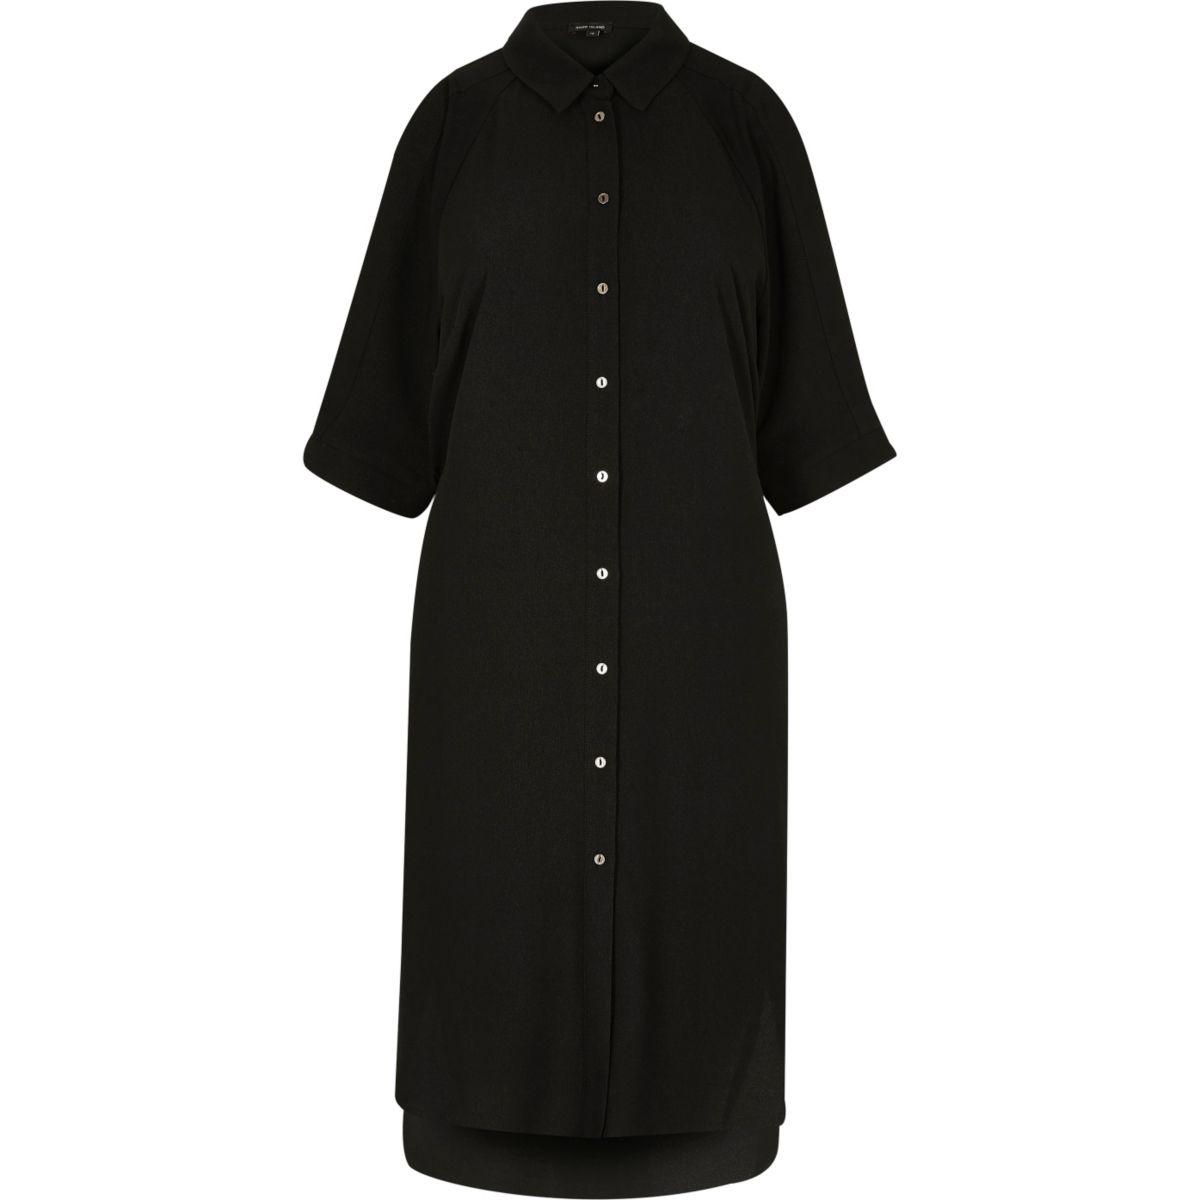 Black cold shoulder shirt dress